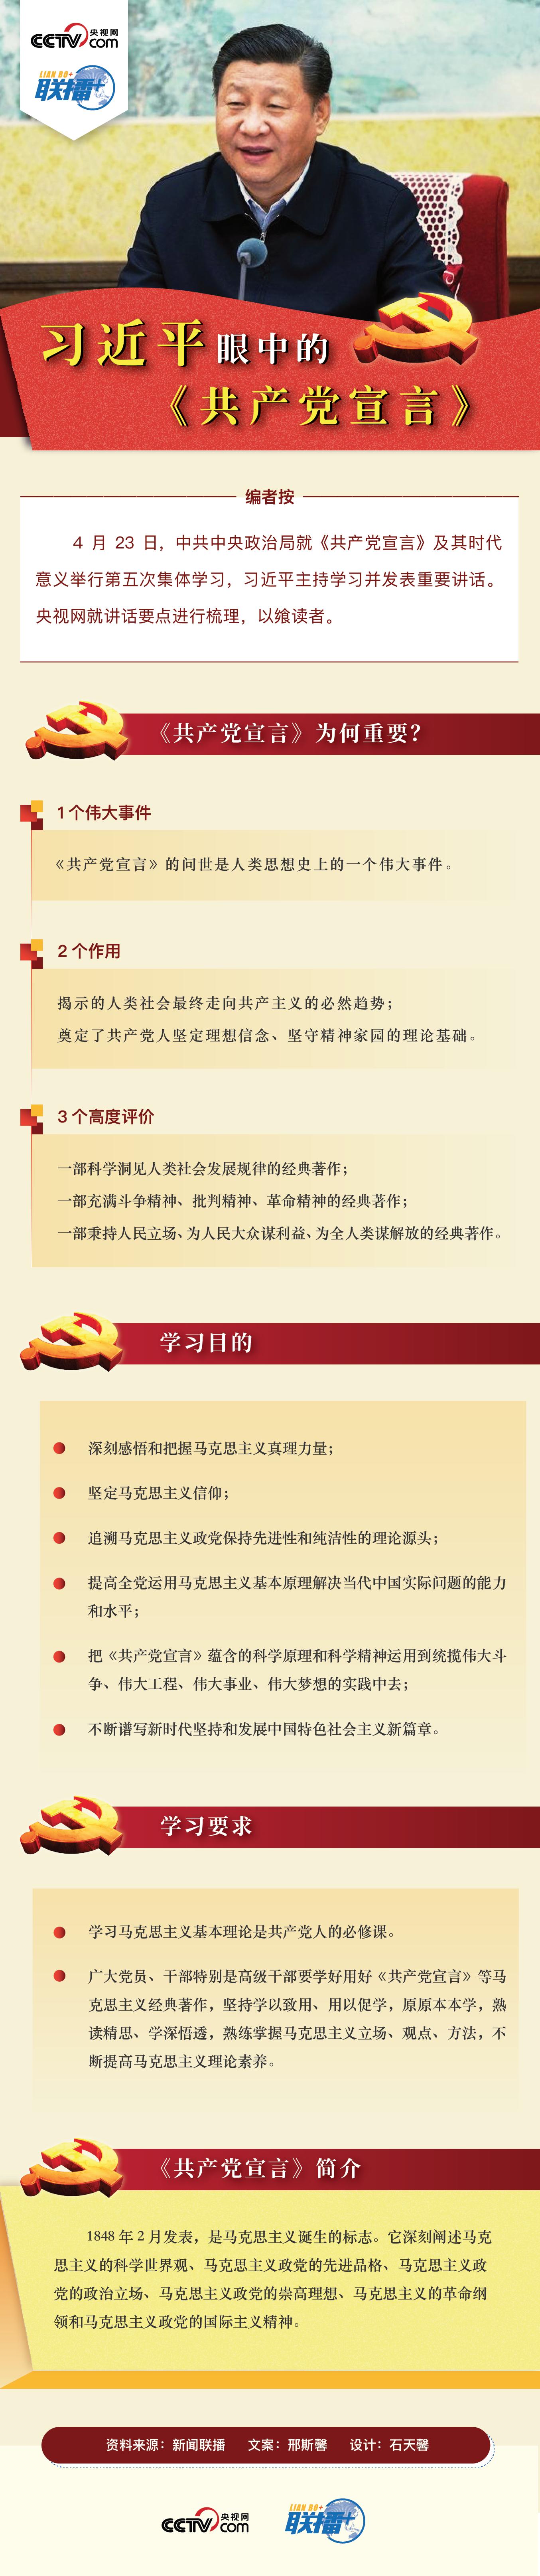 习近平眼中的《共产党宣言》